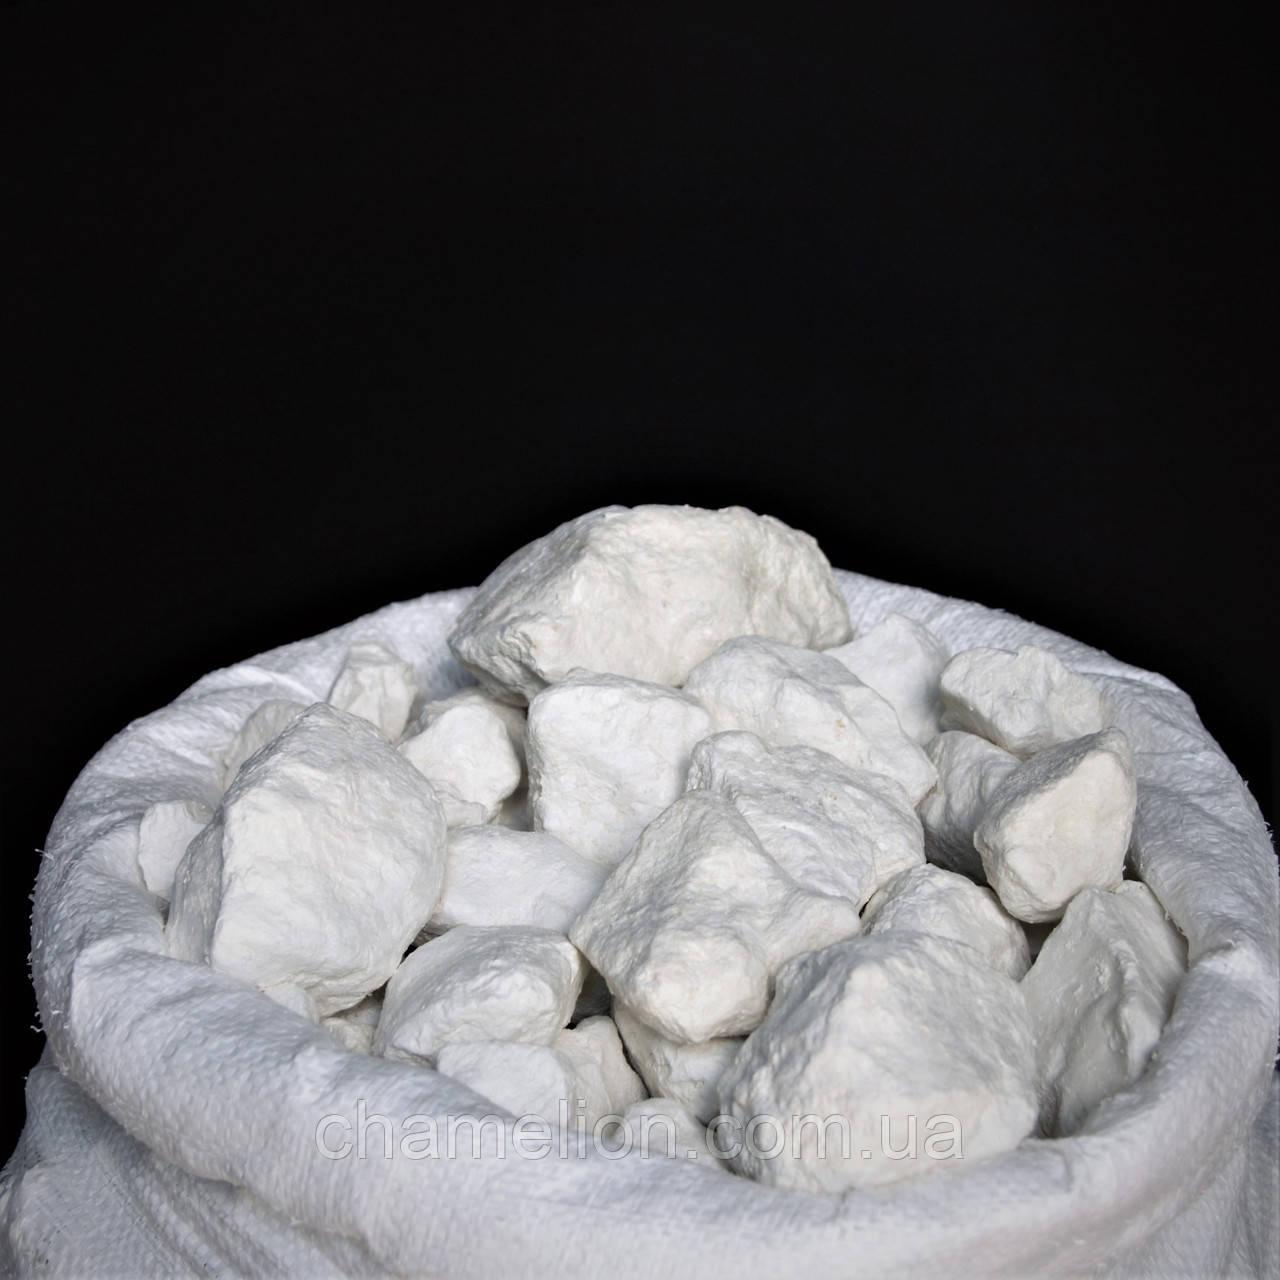 Глина маслянка белая кусковая 25 грн кг